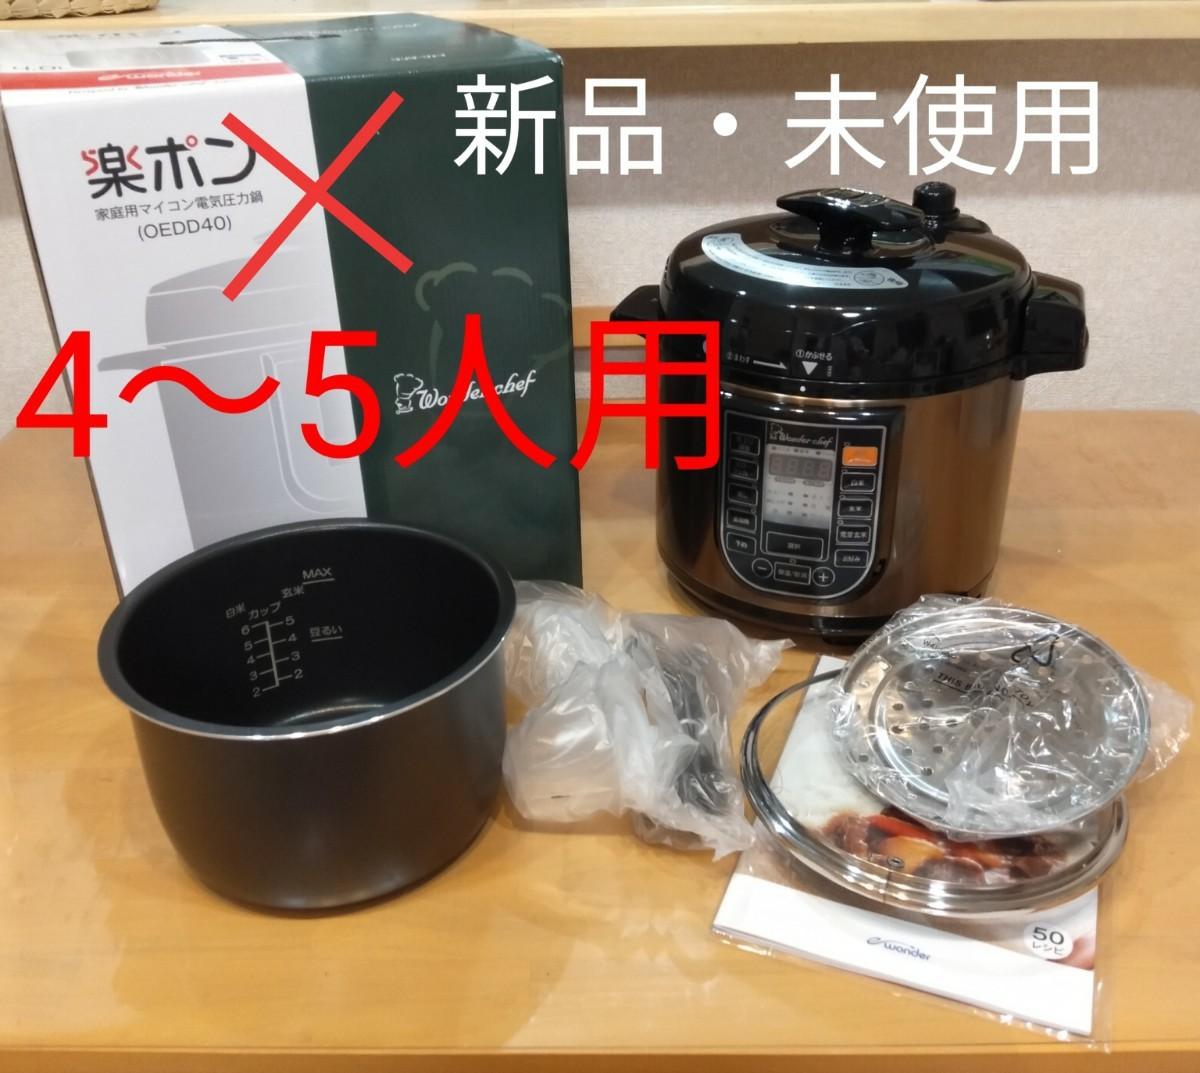 新品・未使用 4L 炊飯使用可能 電気圧力鍋